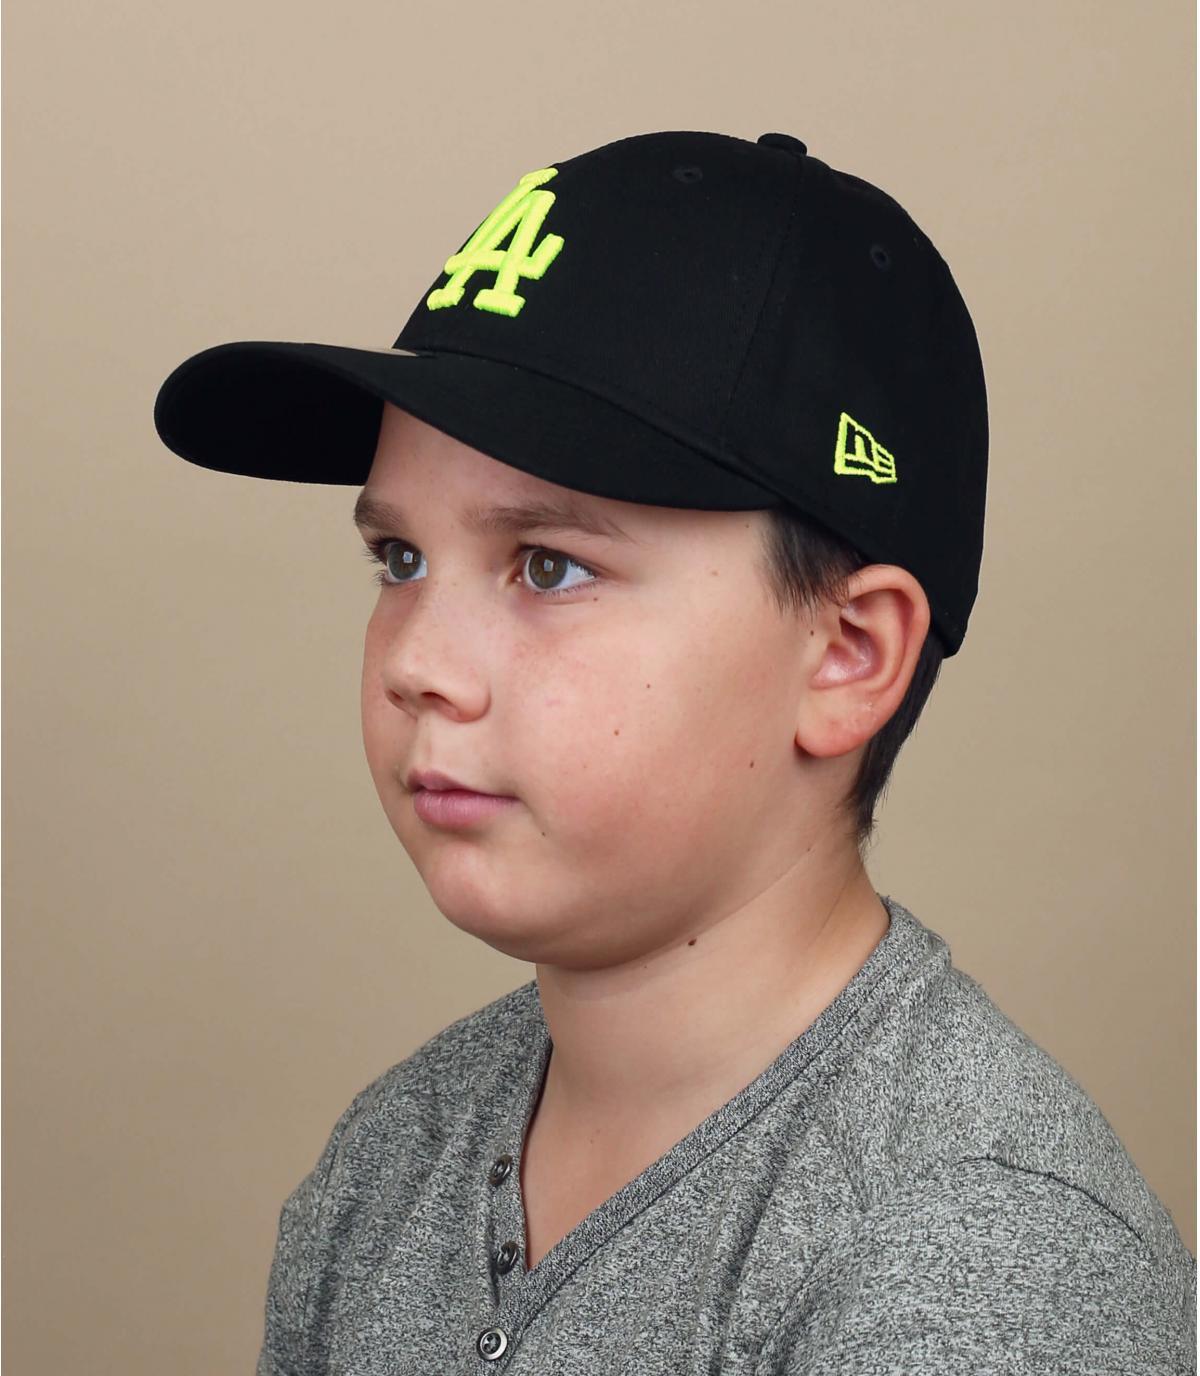 casquette enfant LA schwarz gelb